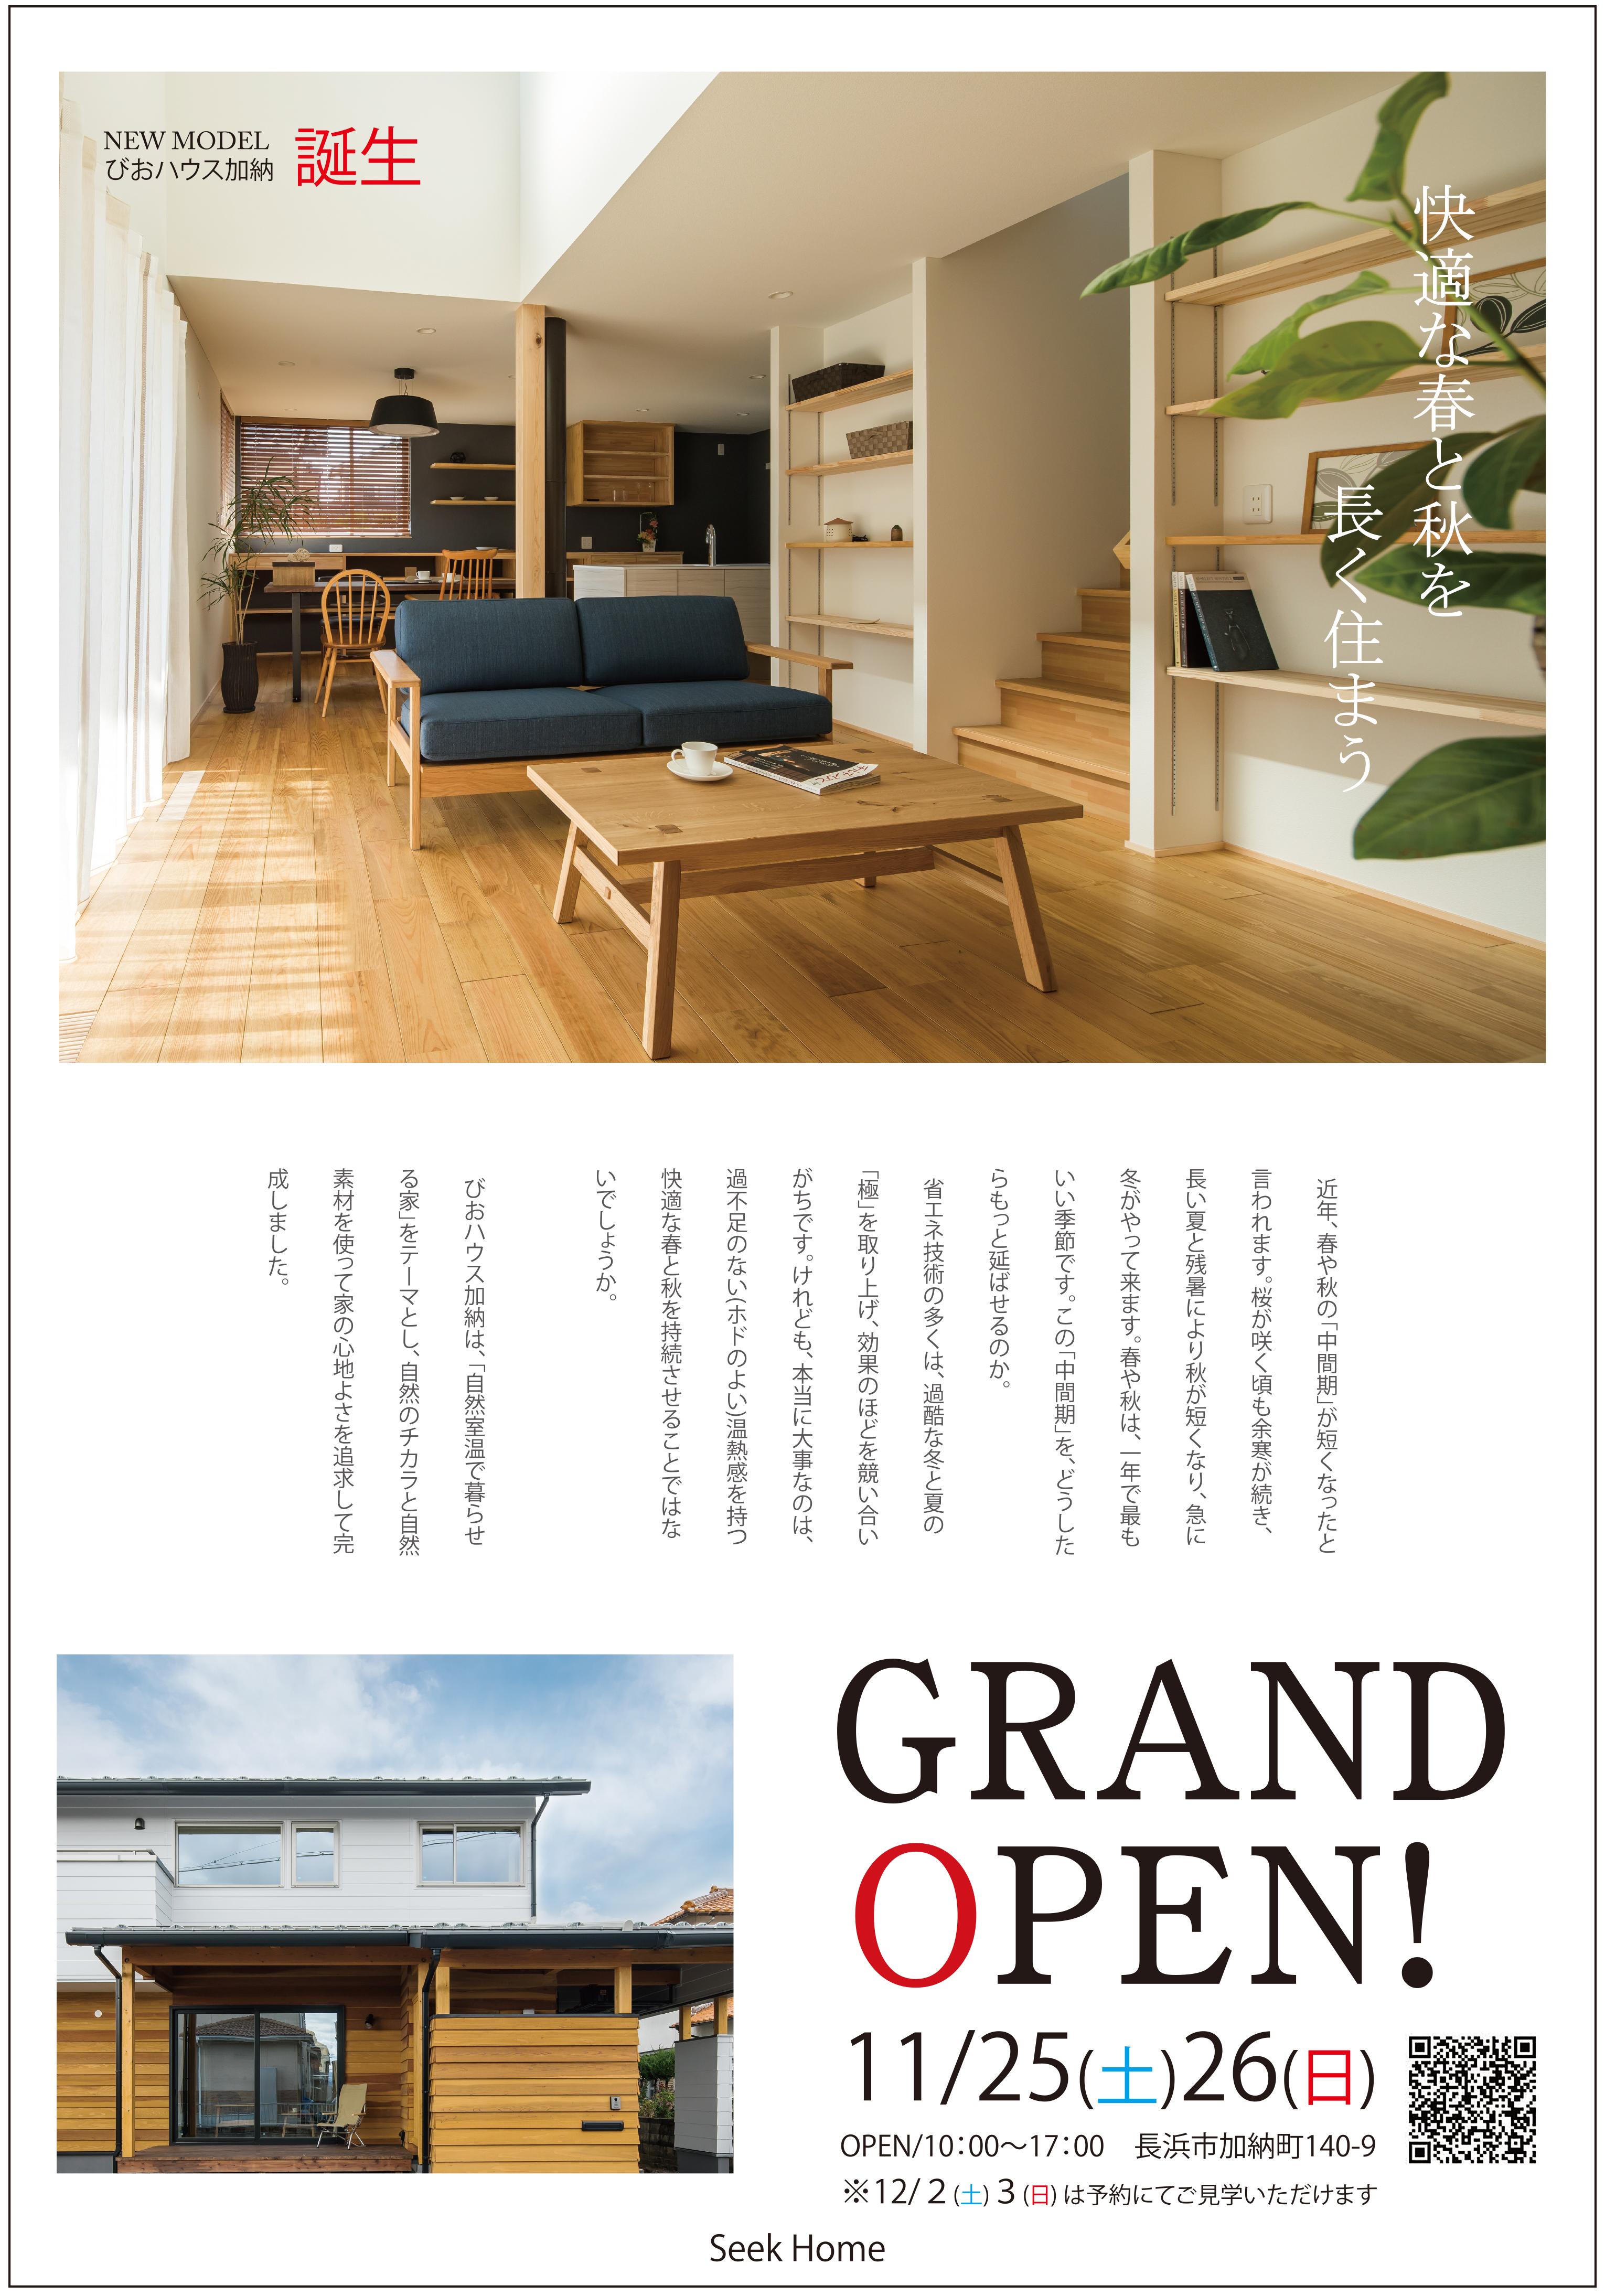 びお加納グランドオープン1.jpg